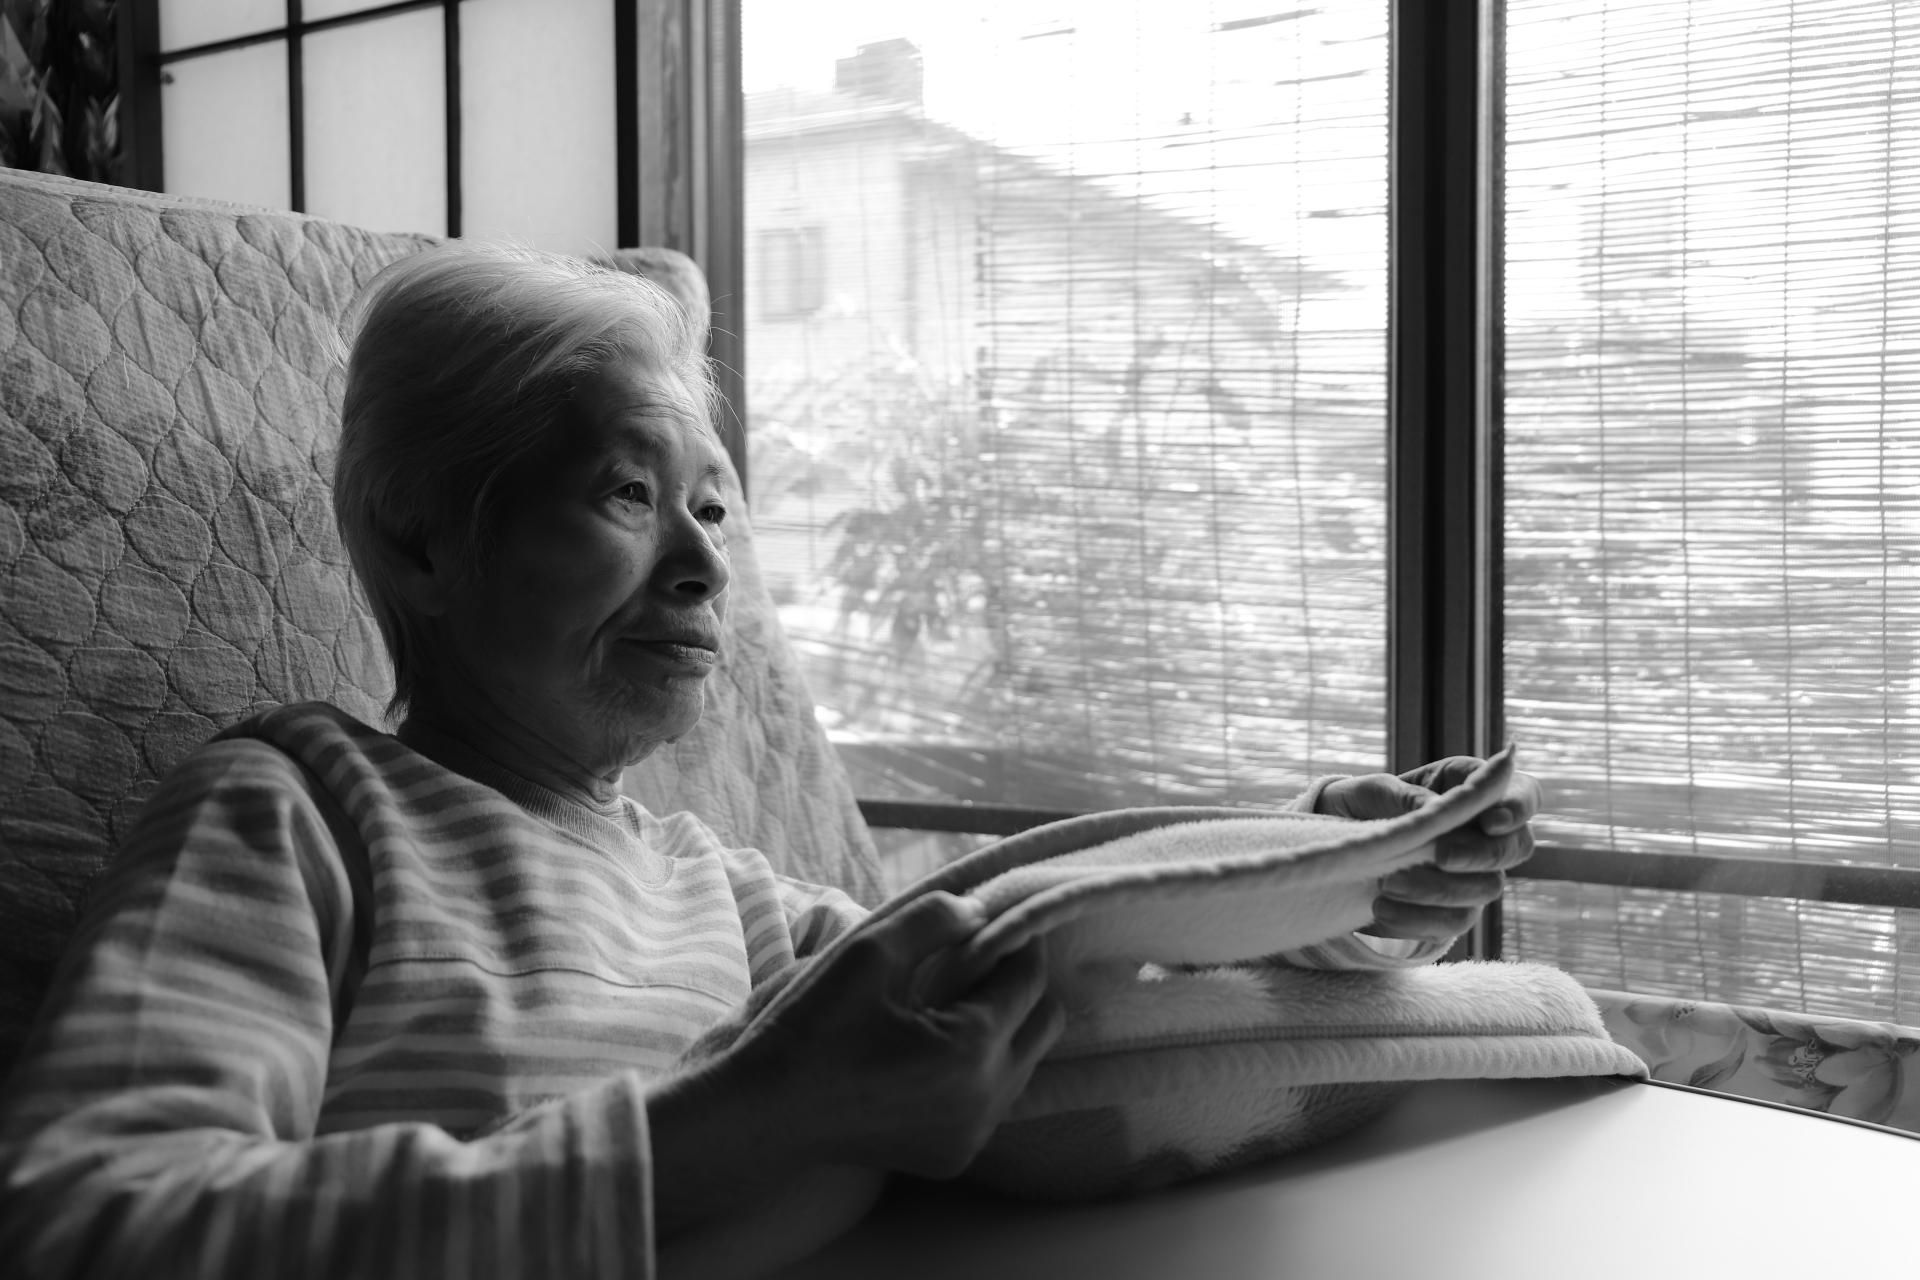 【孤独死とも関連】高齢者に増えるセルフネグレクト 特徴と家族にできる対策を解説